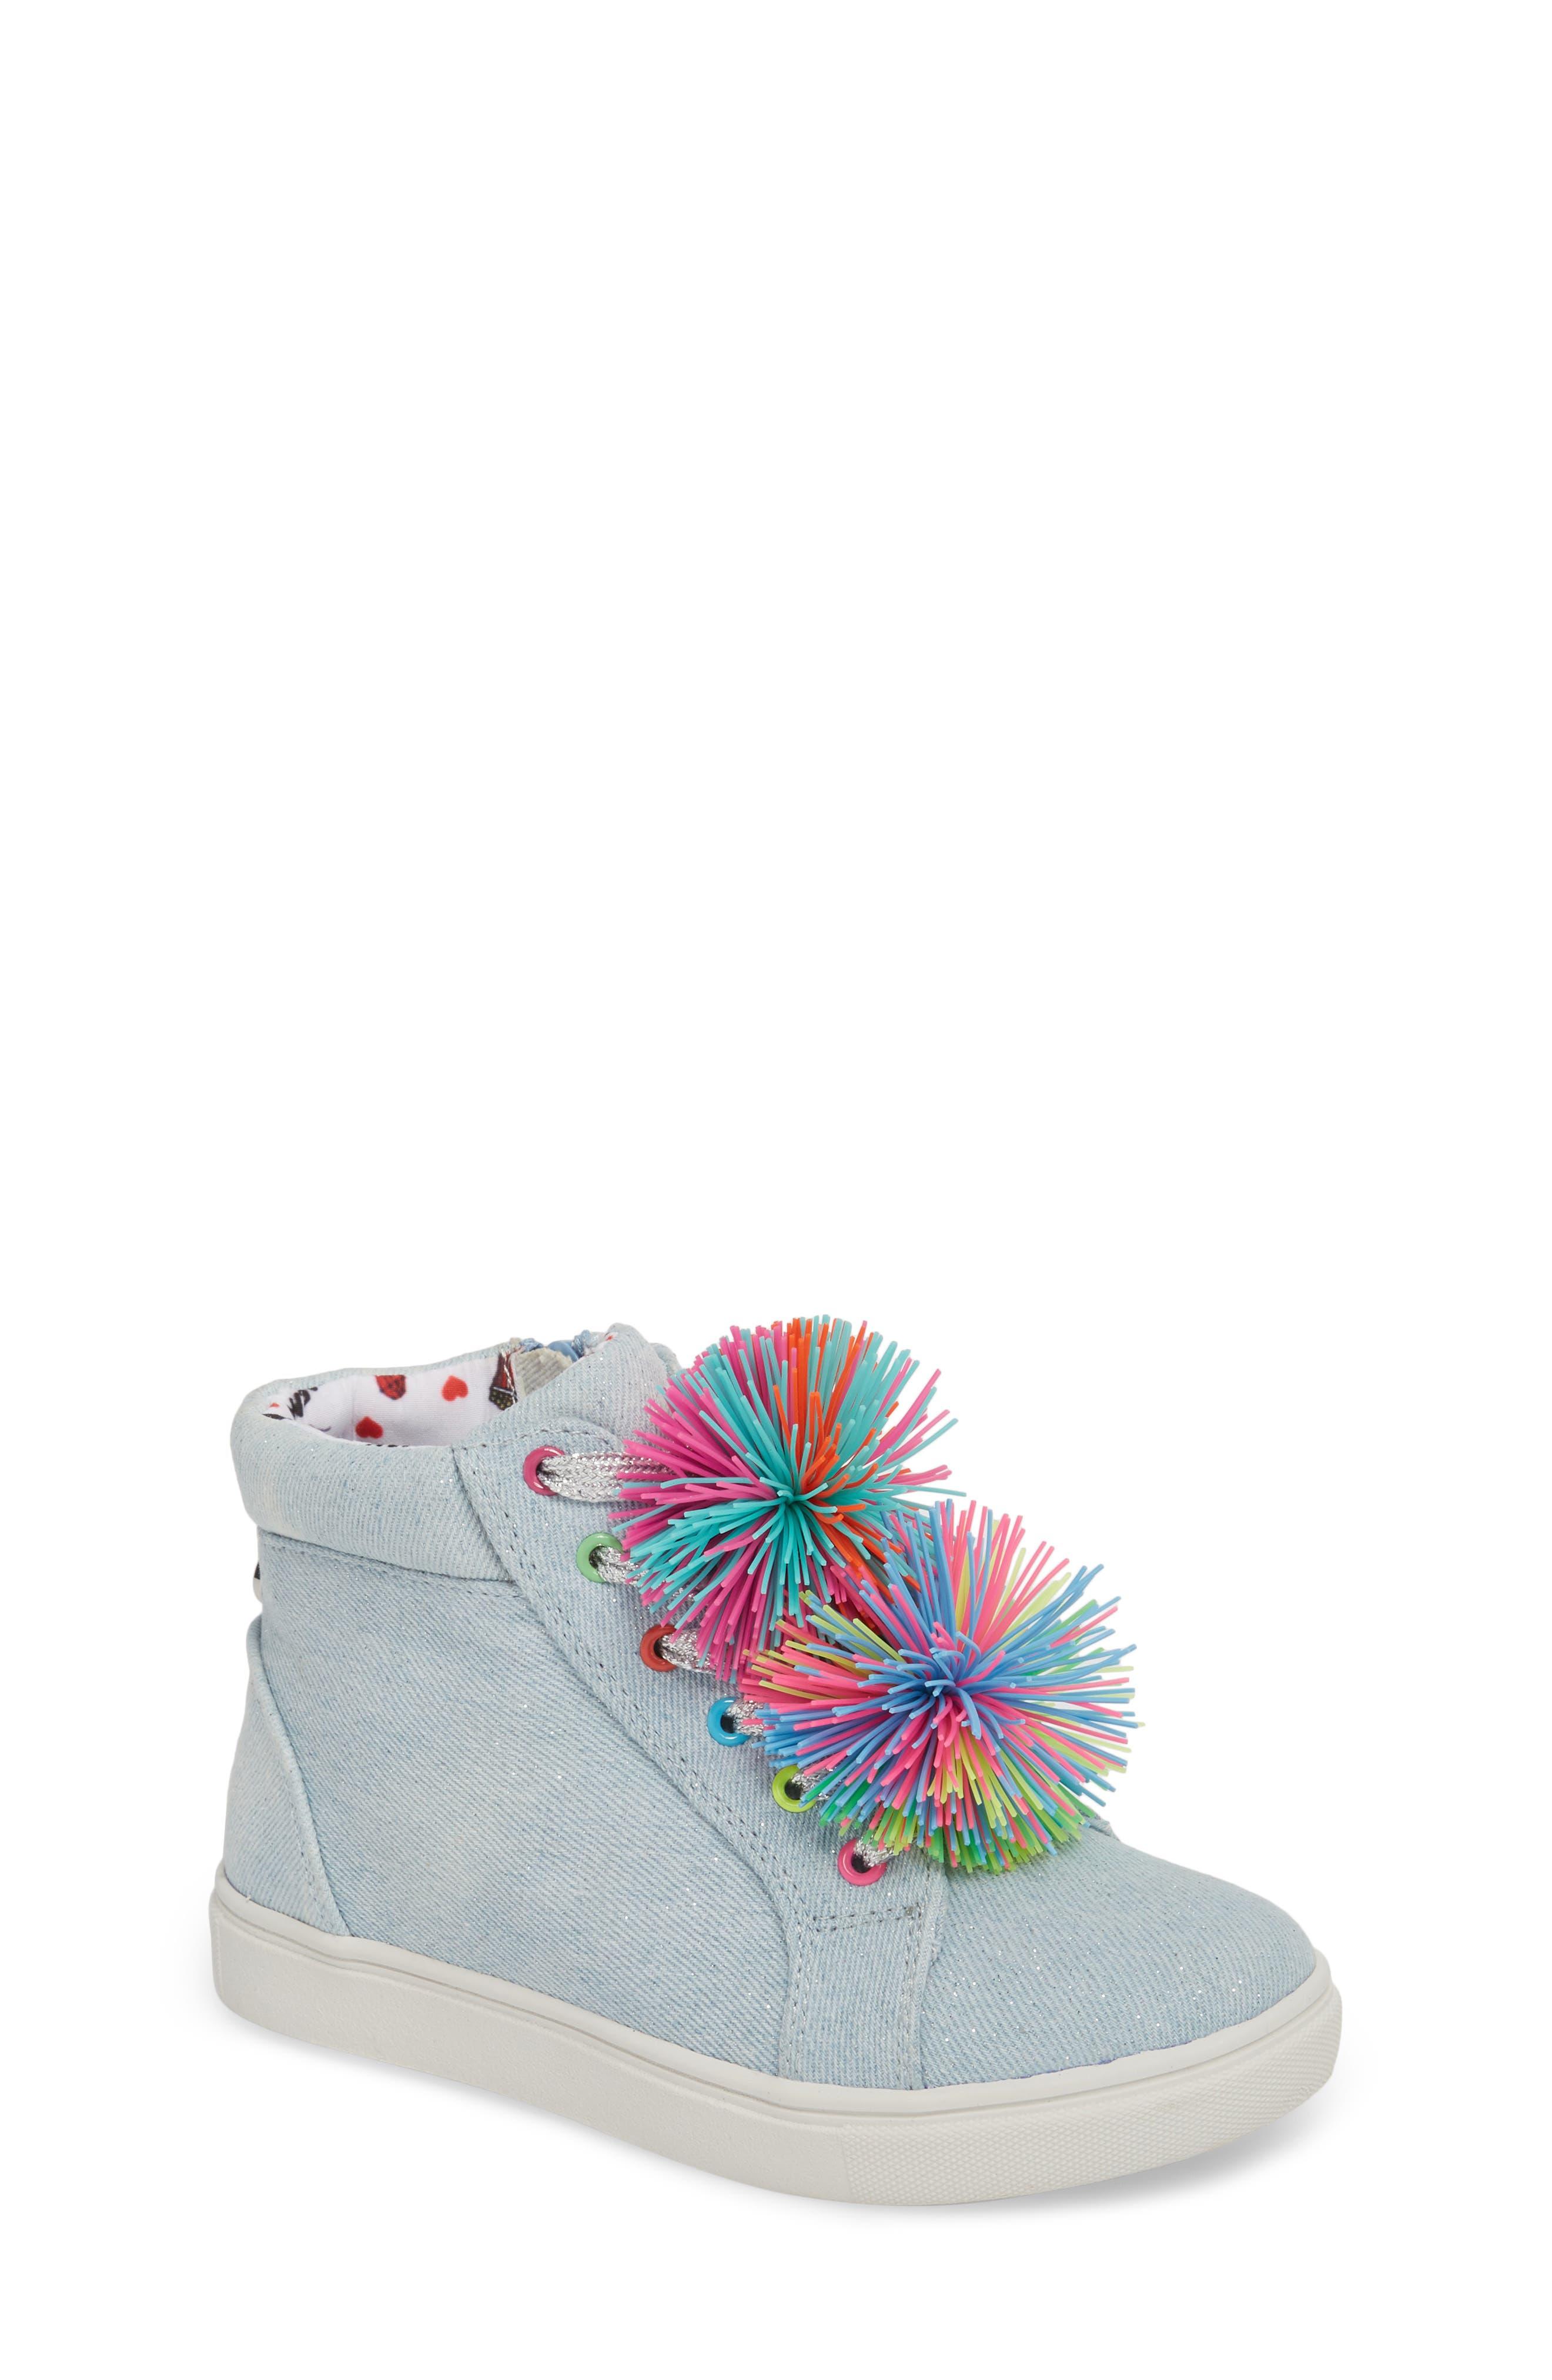 JBrendie Pompom High Top Sneaker,                         Main,                         color, 401